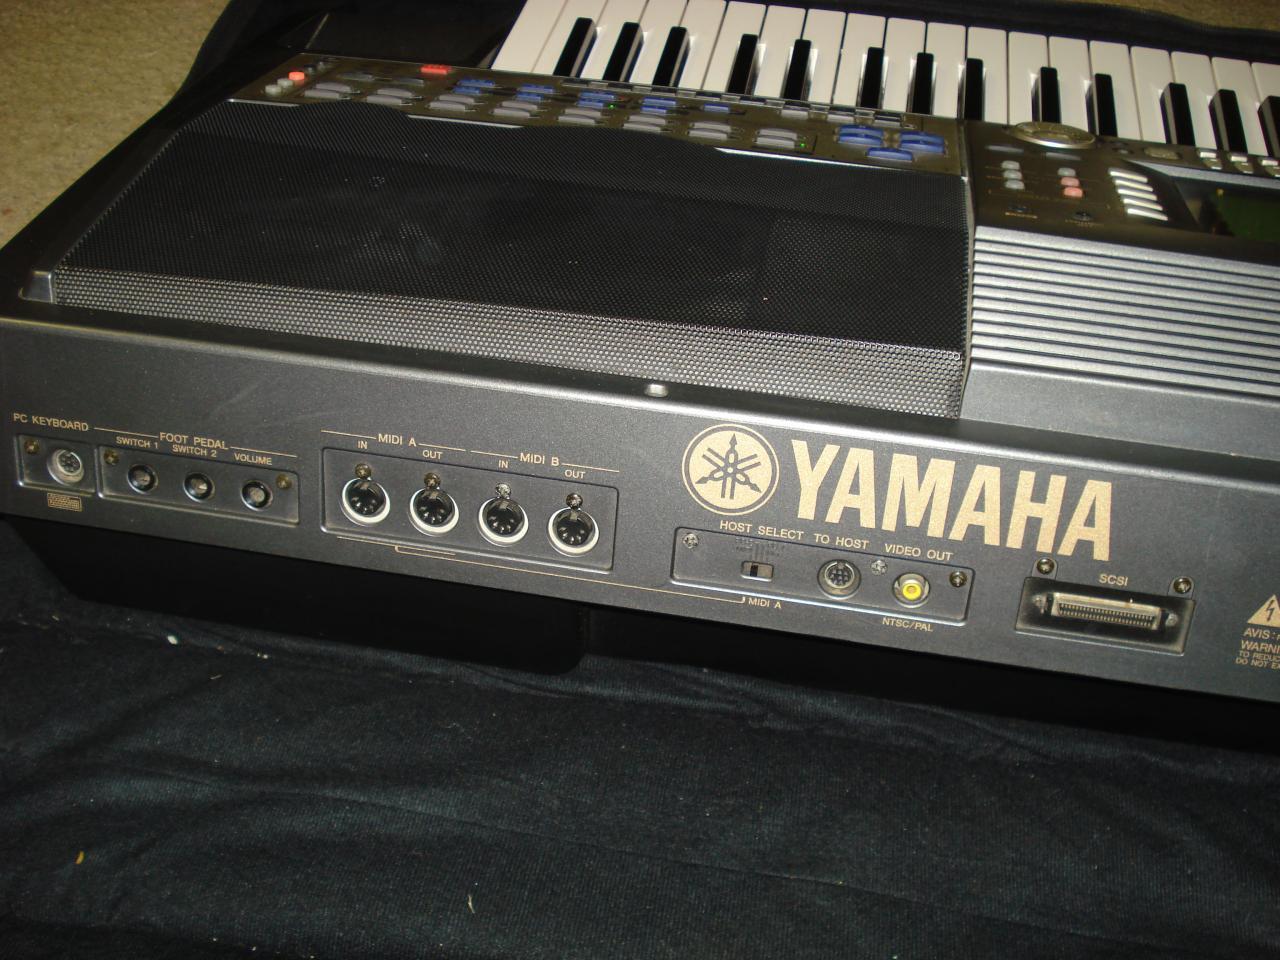 yamaha psr 9000 61 key arranger workstation keyboard. Black Bedroom Furniture Sets. Home Design Ideas